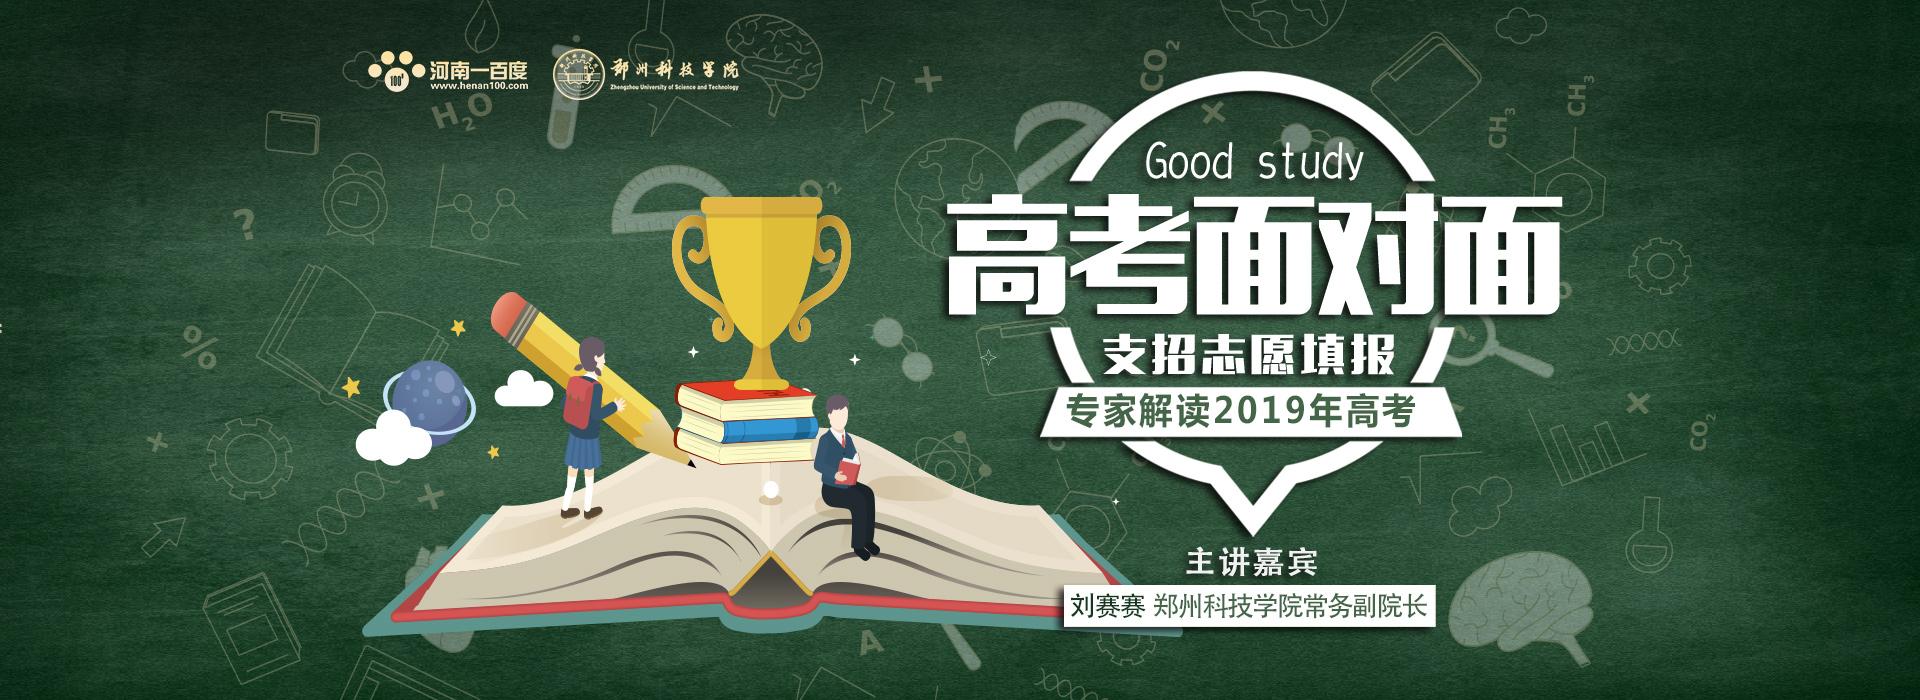 高考面对面:郑州科技学院常务副校长刘赛赛解读2019高考